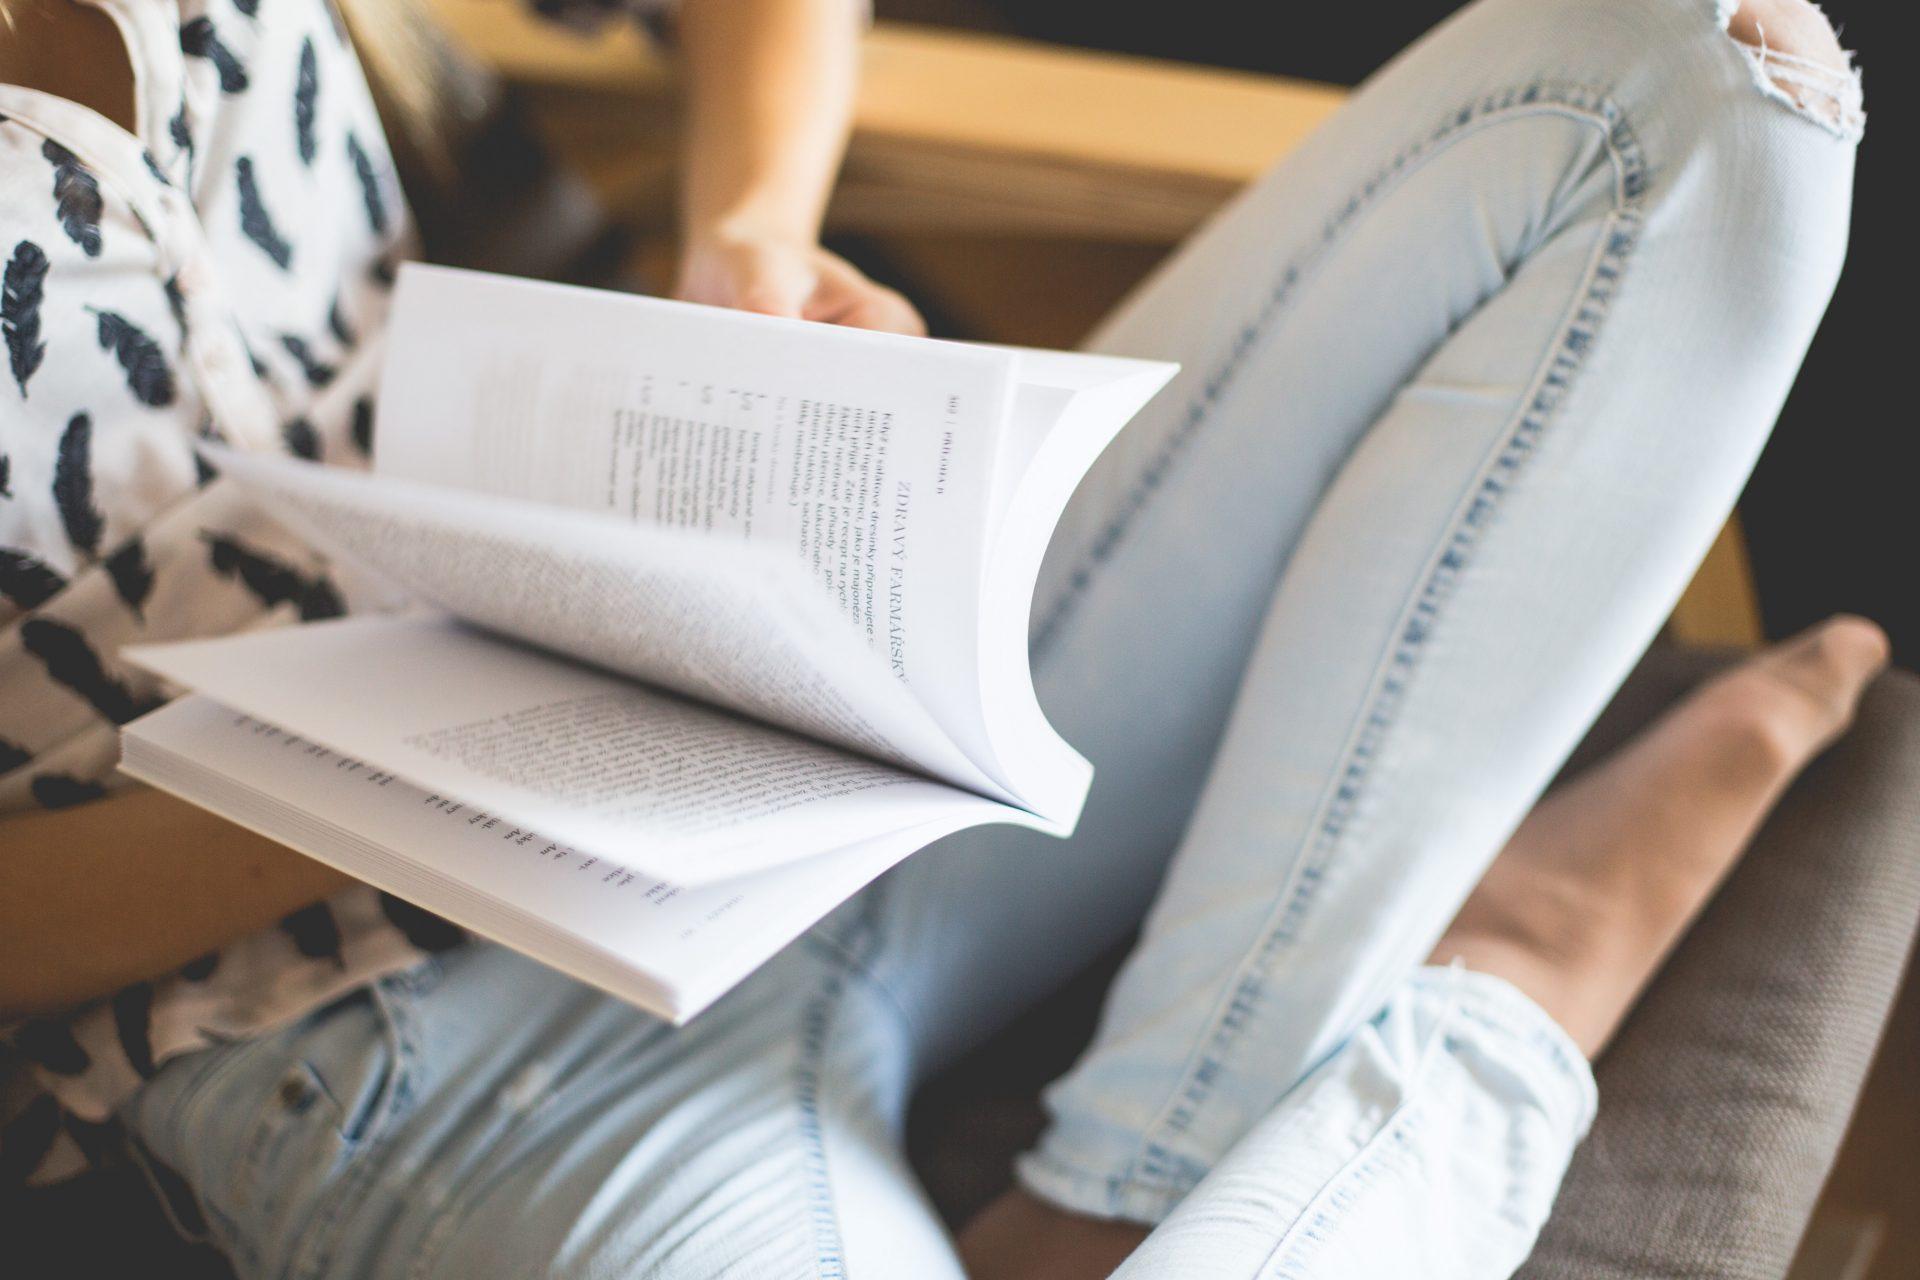 Buku Tentang Investasi yang Wajib Dibaca Para Investor - tips investasi untuk anak muda